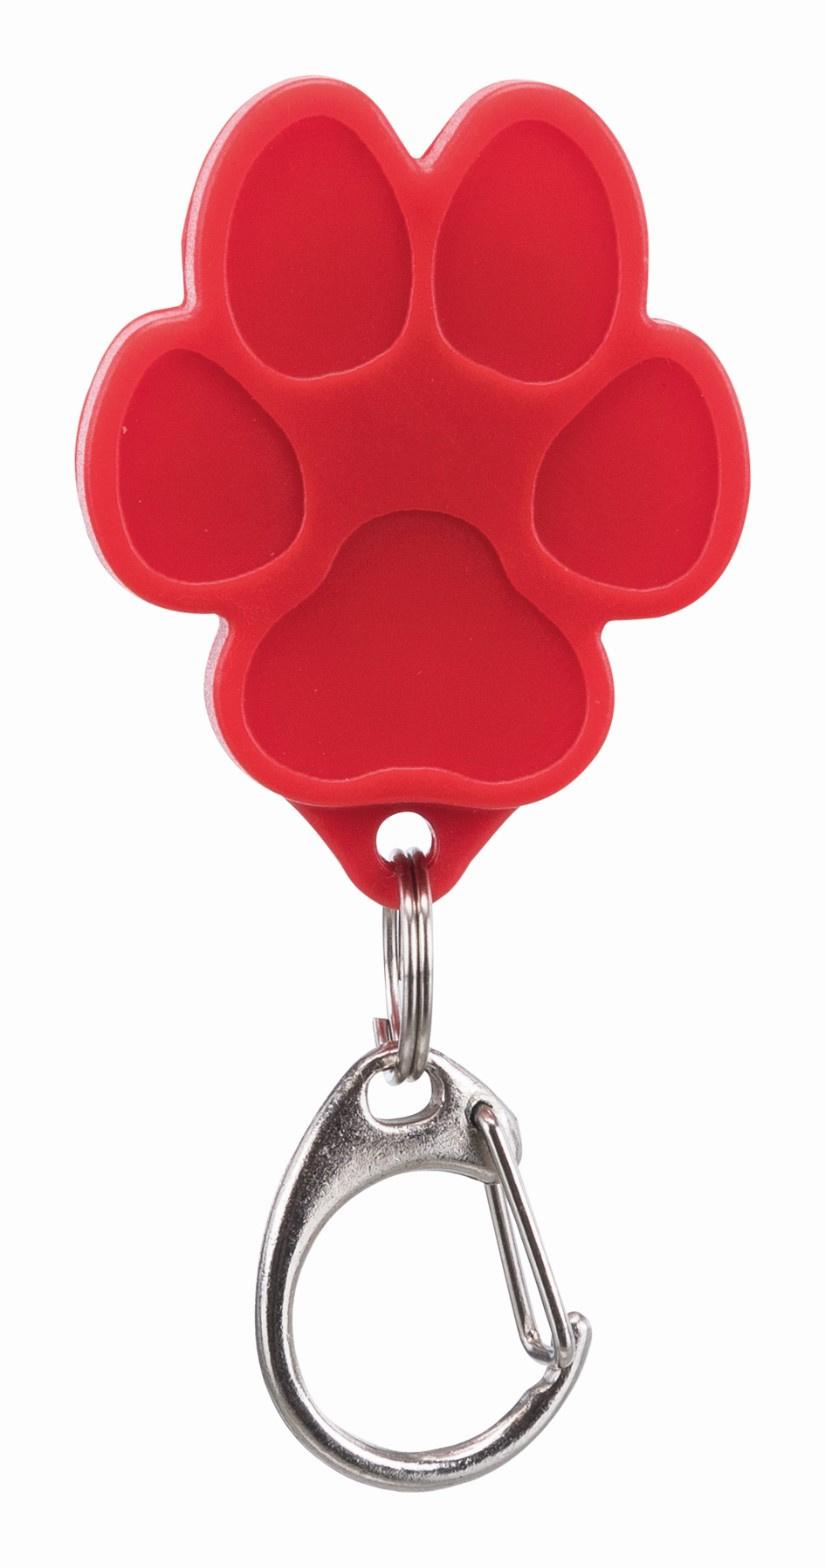 Отражатель для собак – TRIXIE Flasher for Dogs, USB, 3,5 x 4,3 см